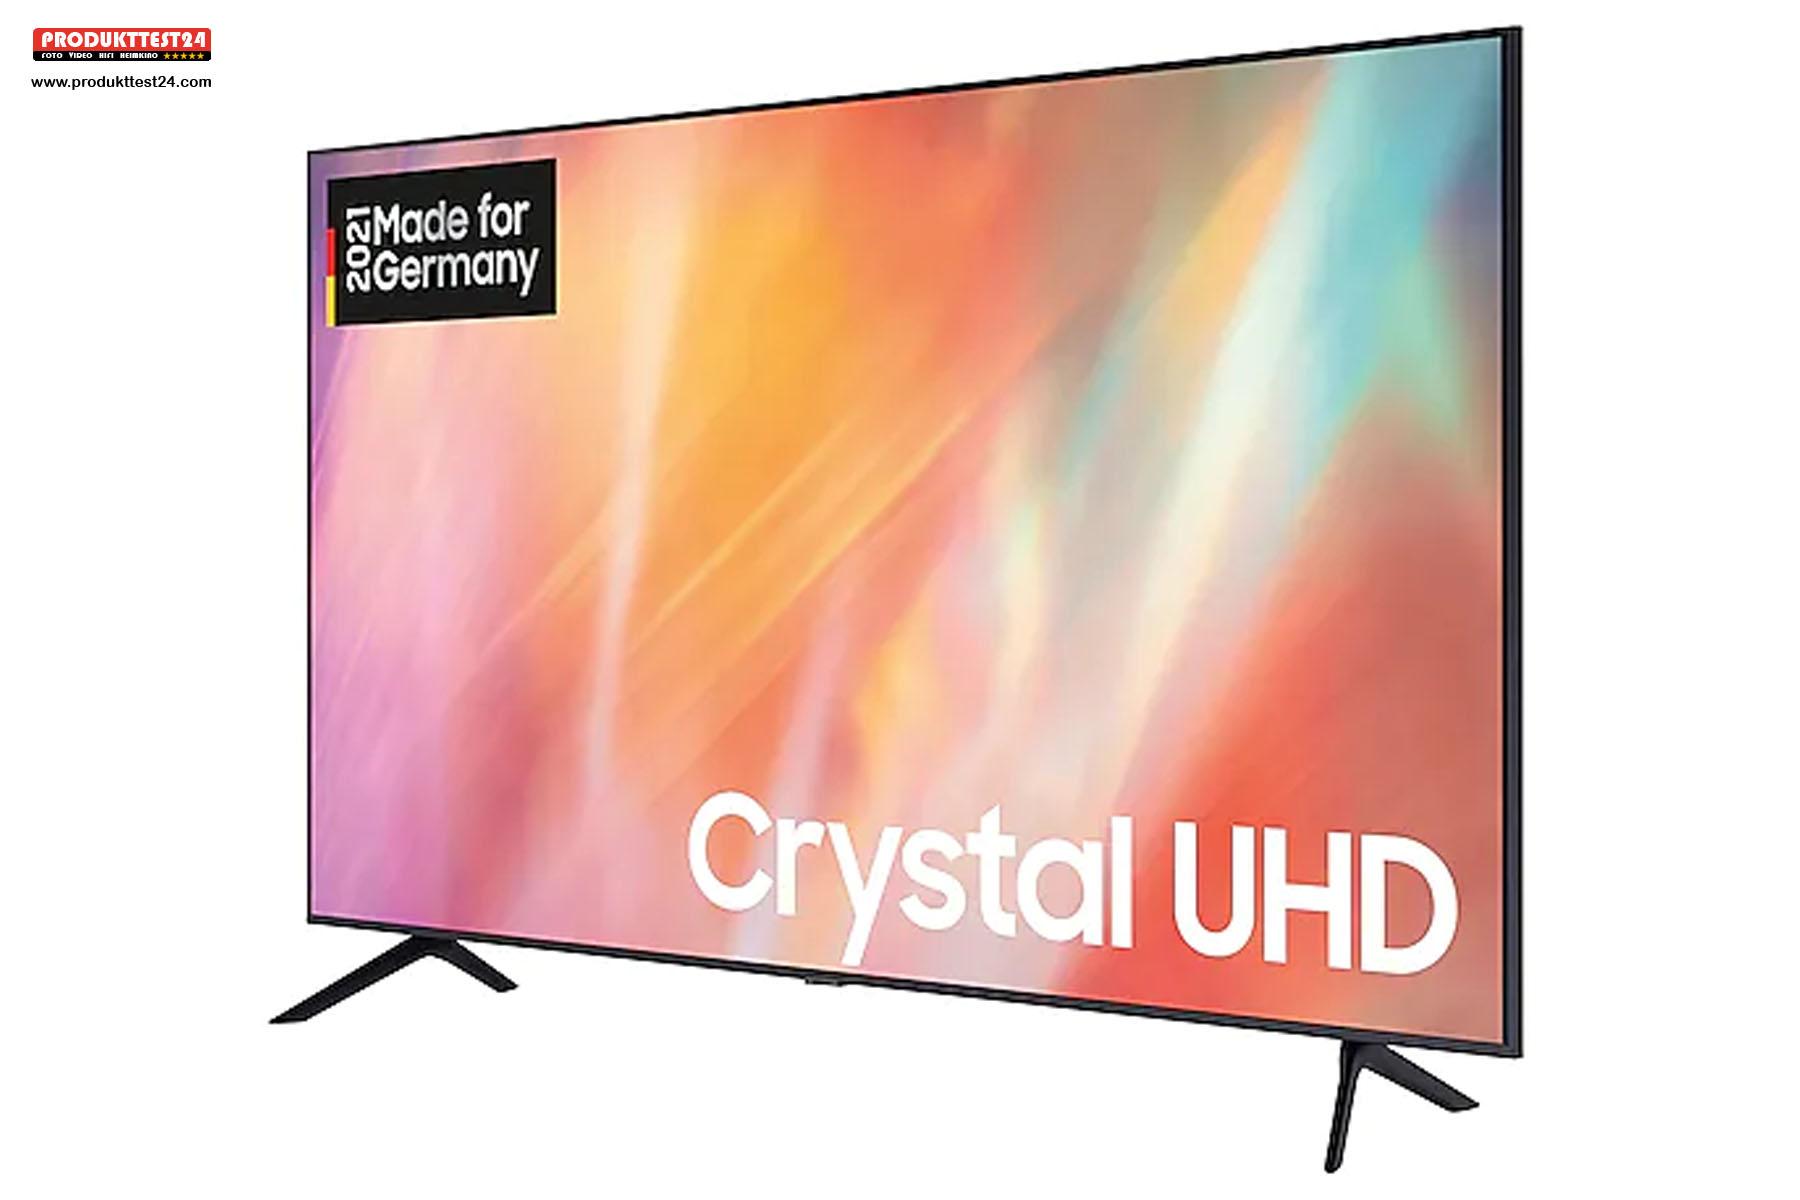 Samsung GU65AU7179 4K-Fernseher mit riesigem 65 Zoll Bildschirm